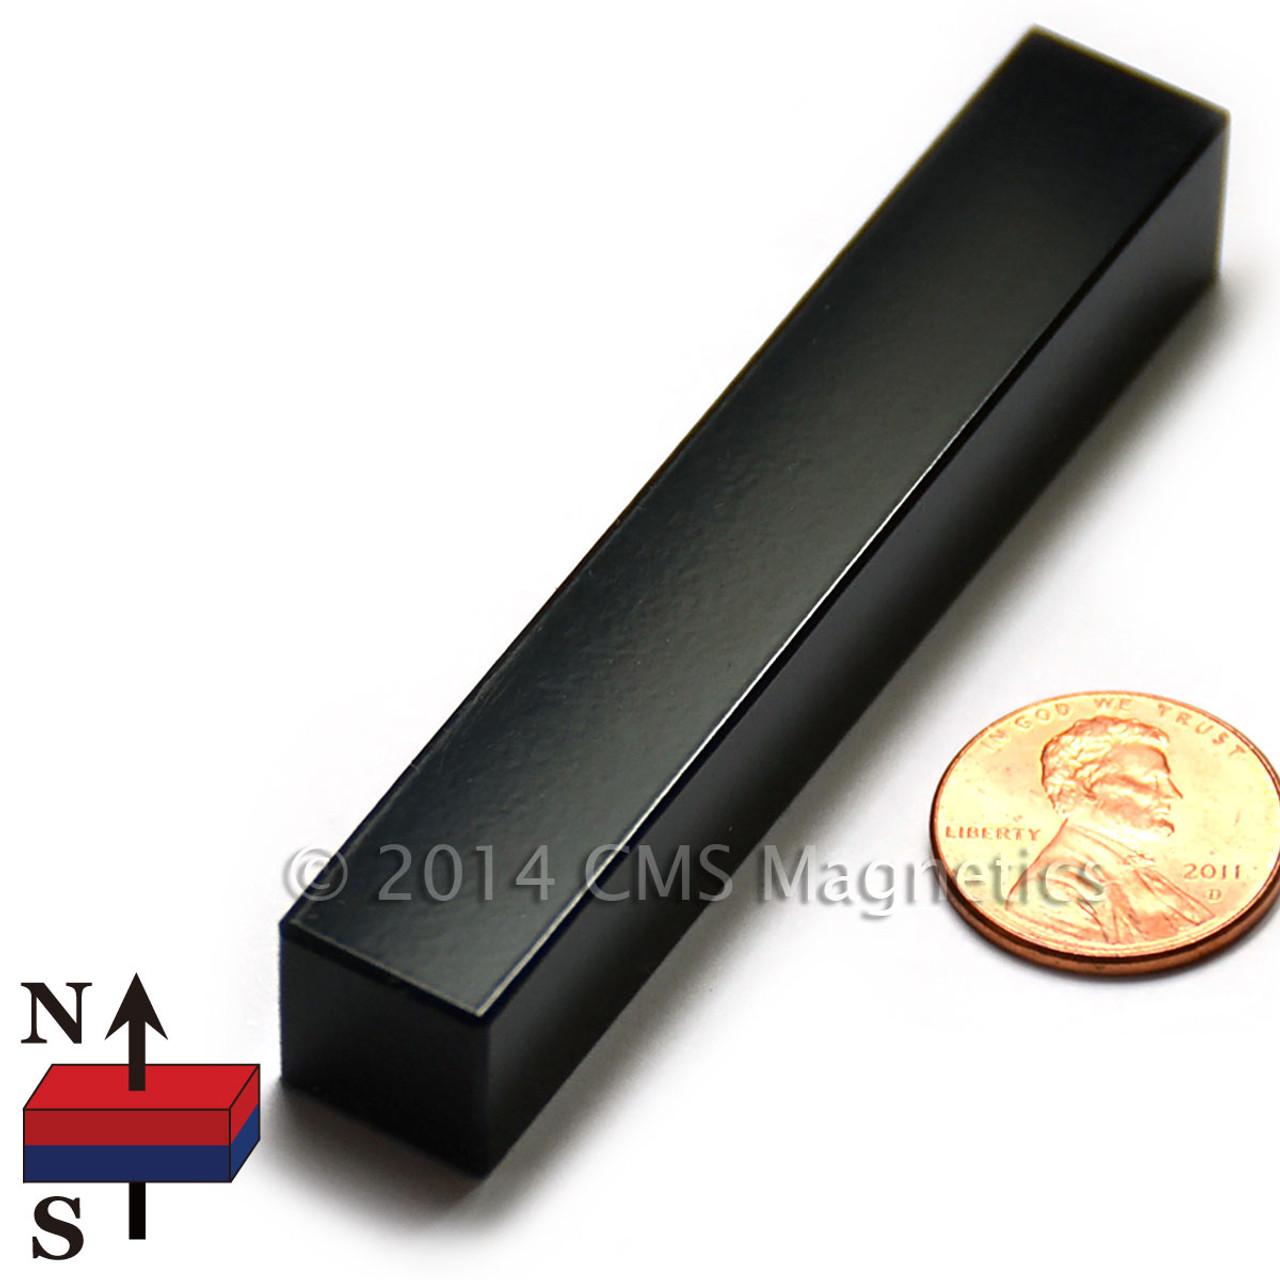 Neodymium Magnet Epoxy Coated| CMS Magnetics